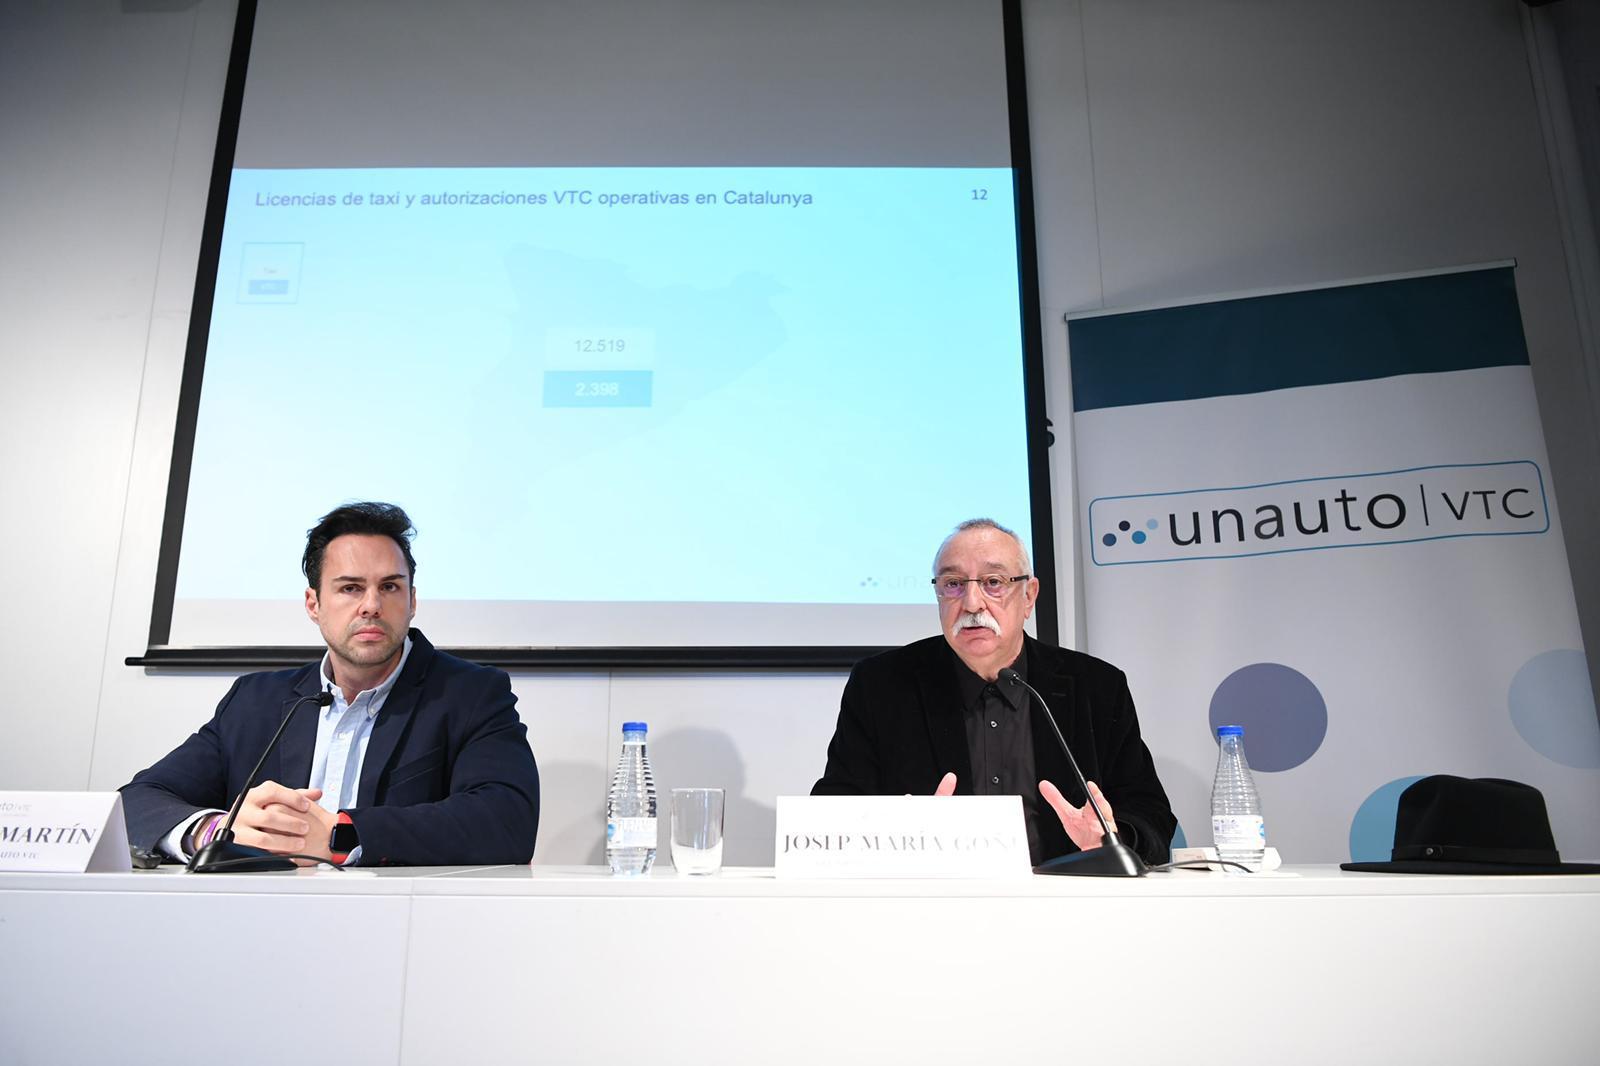 El president d'Unauto a nivell estatal, Eduardo Martín (esquerra), i el president d'Unauto Catalunya, Josep Maria Goñi.   Unauto